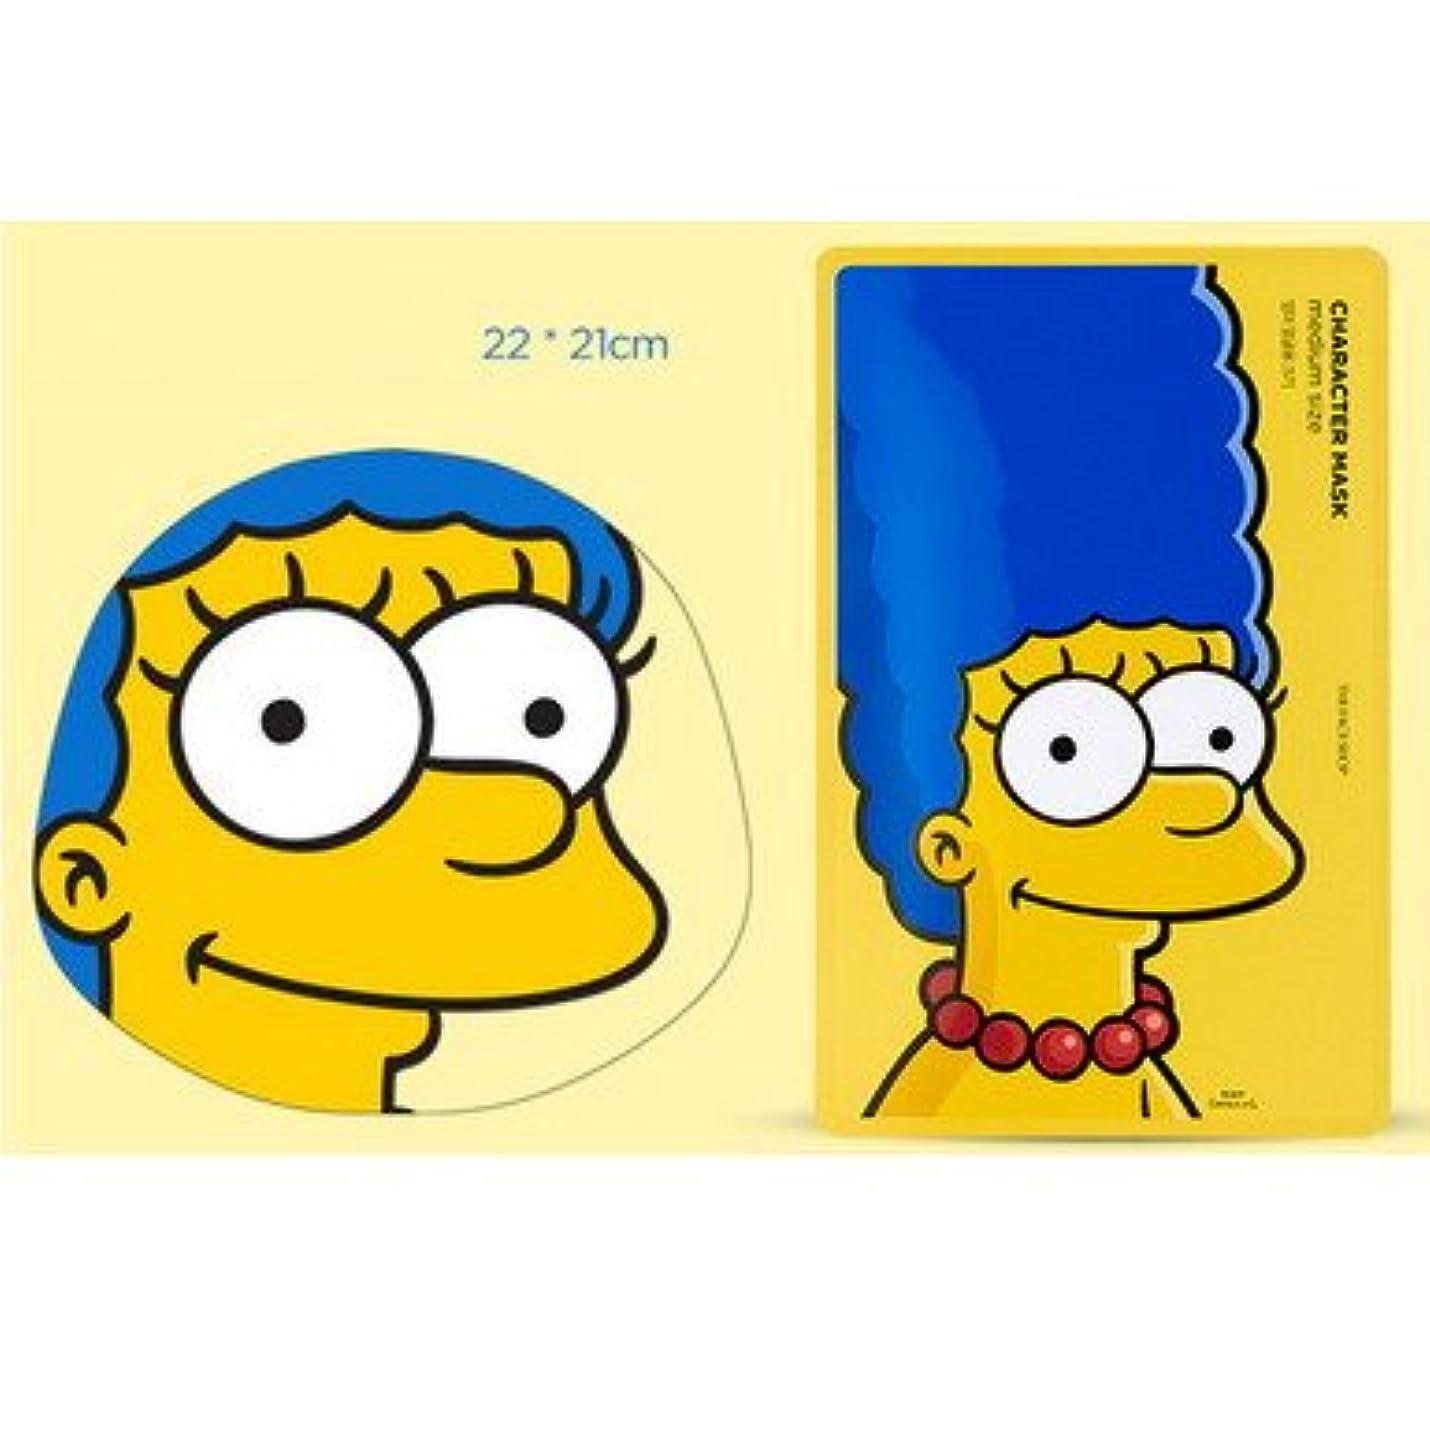 聖人地震思慮深い【The Face Shop (ザ?フェイスショップ)】 The Simpsons ザ?シンプソンズ キャラクターマスク 25g (3種類選択1) (マージ (ザクロ)) [並行輸入品]